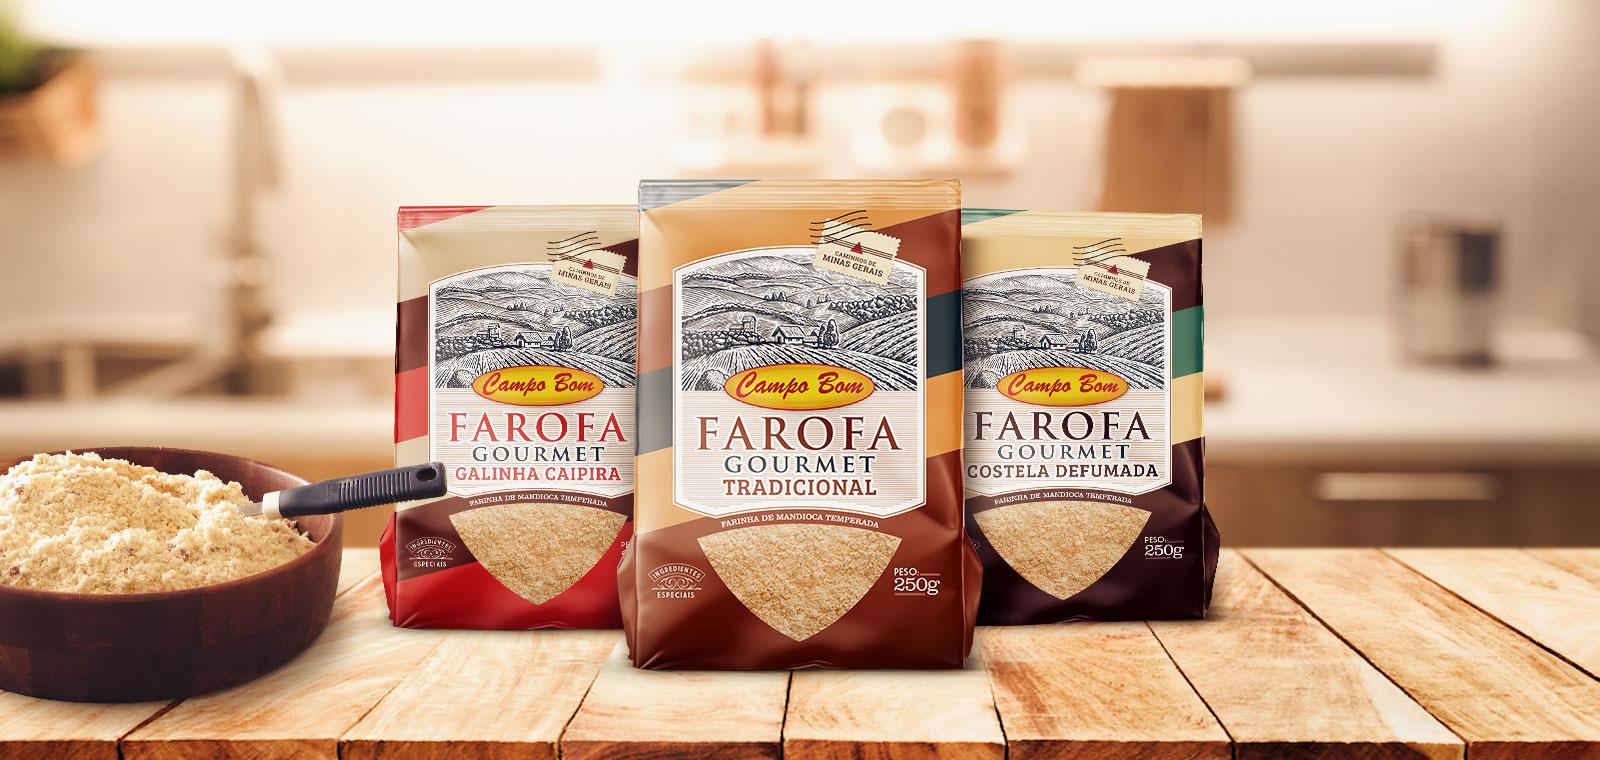 Farofa Gourmet Campo Bom